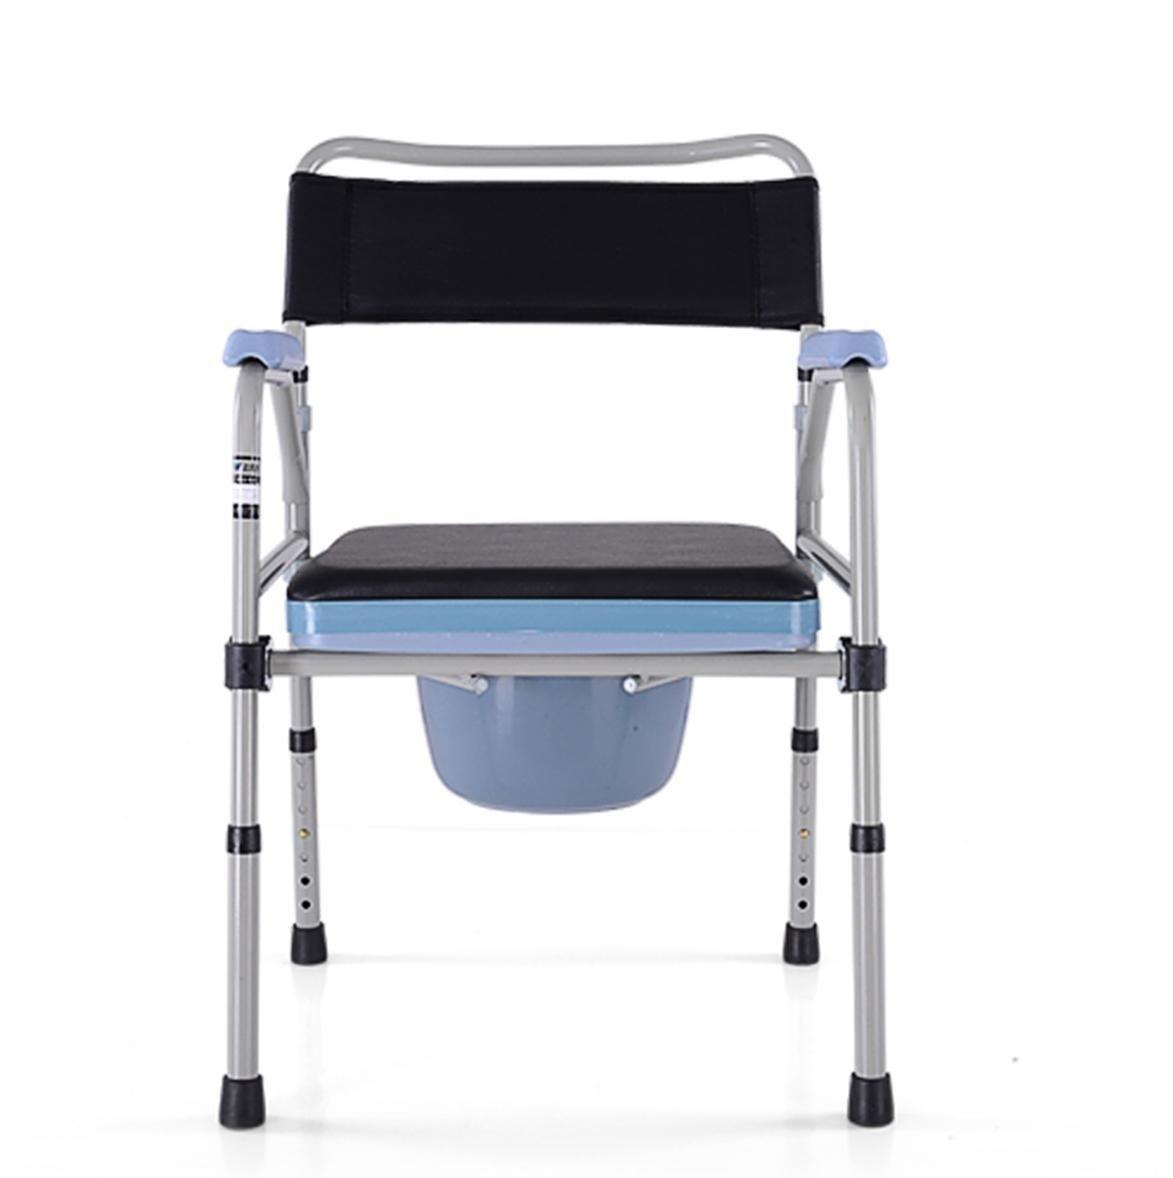 ポータブルトイレ折り畳み老人移動妊娠中のバスチェアシャワーチェア調節可能な高さ B07CNGQV7R